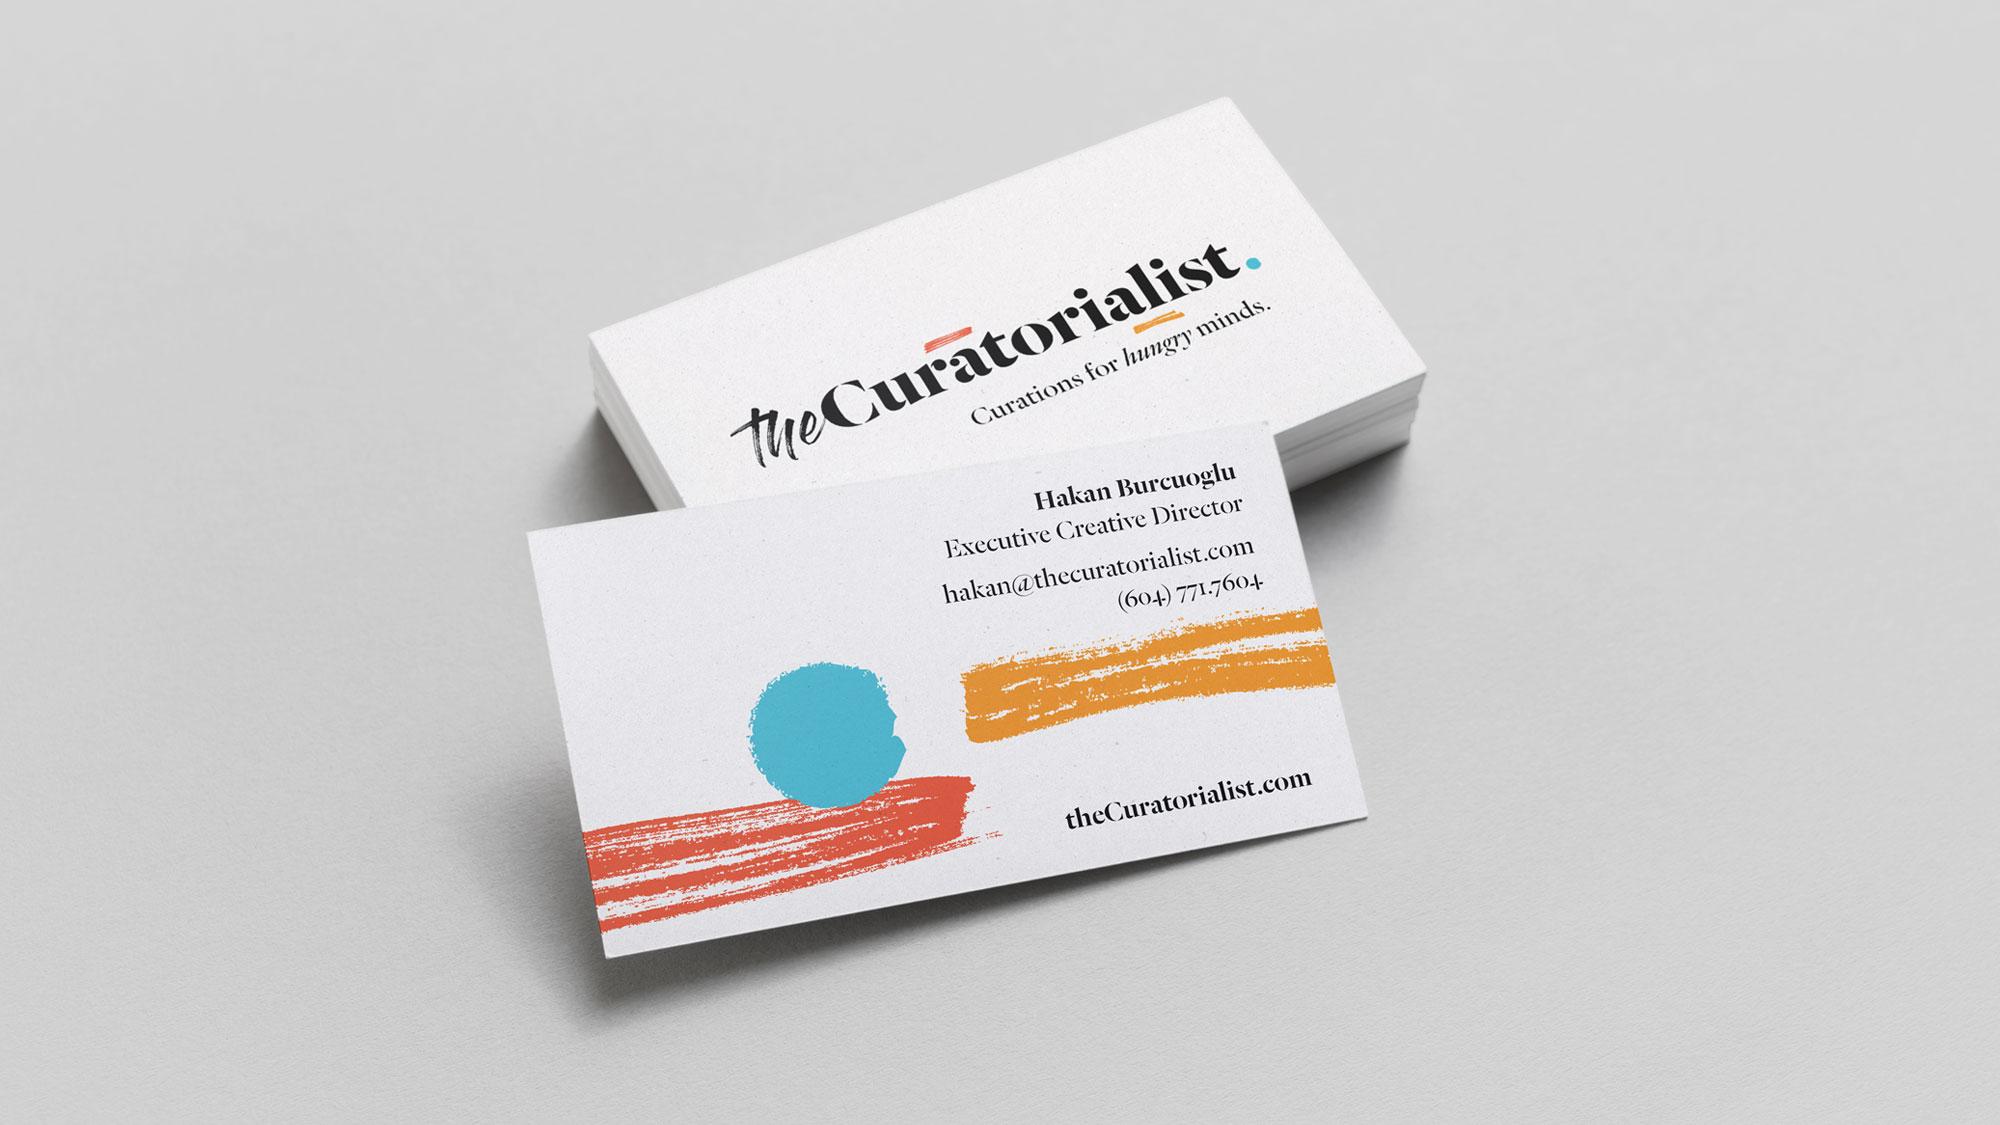 thecuratorialist_07